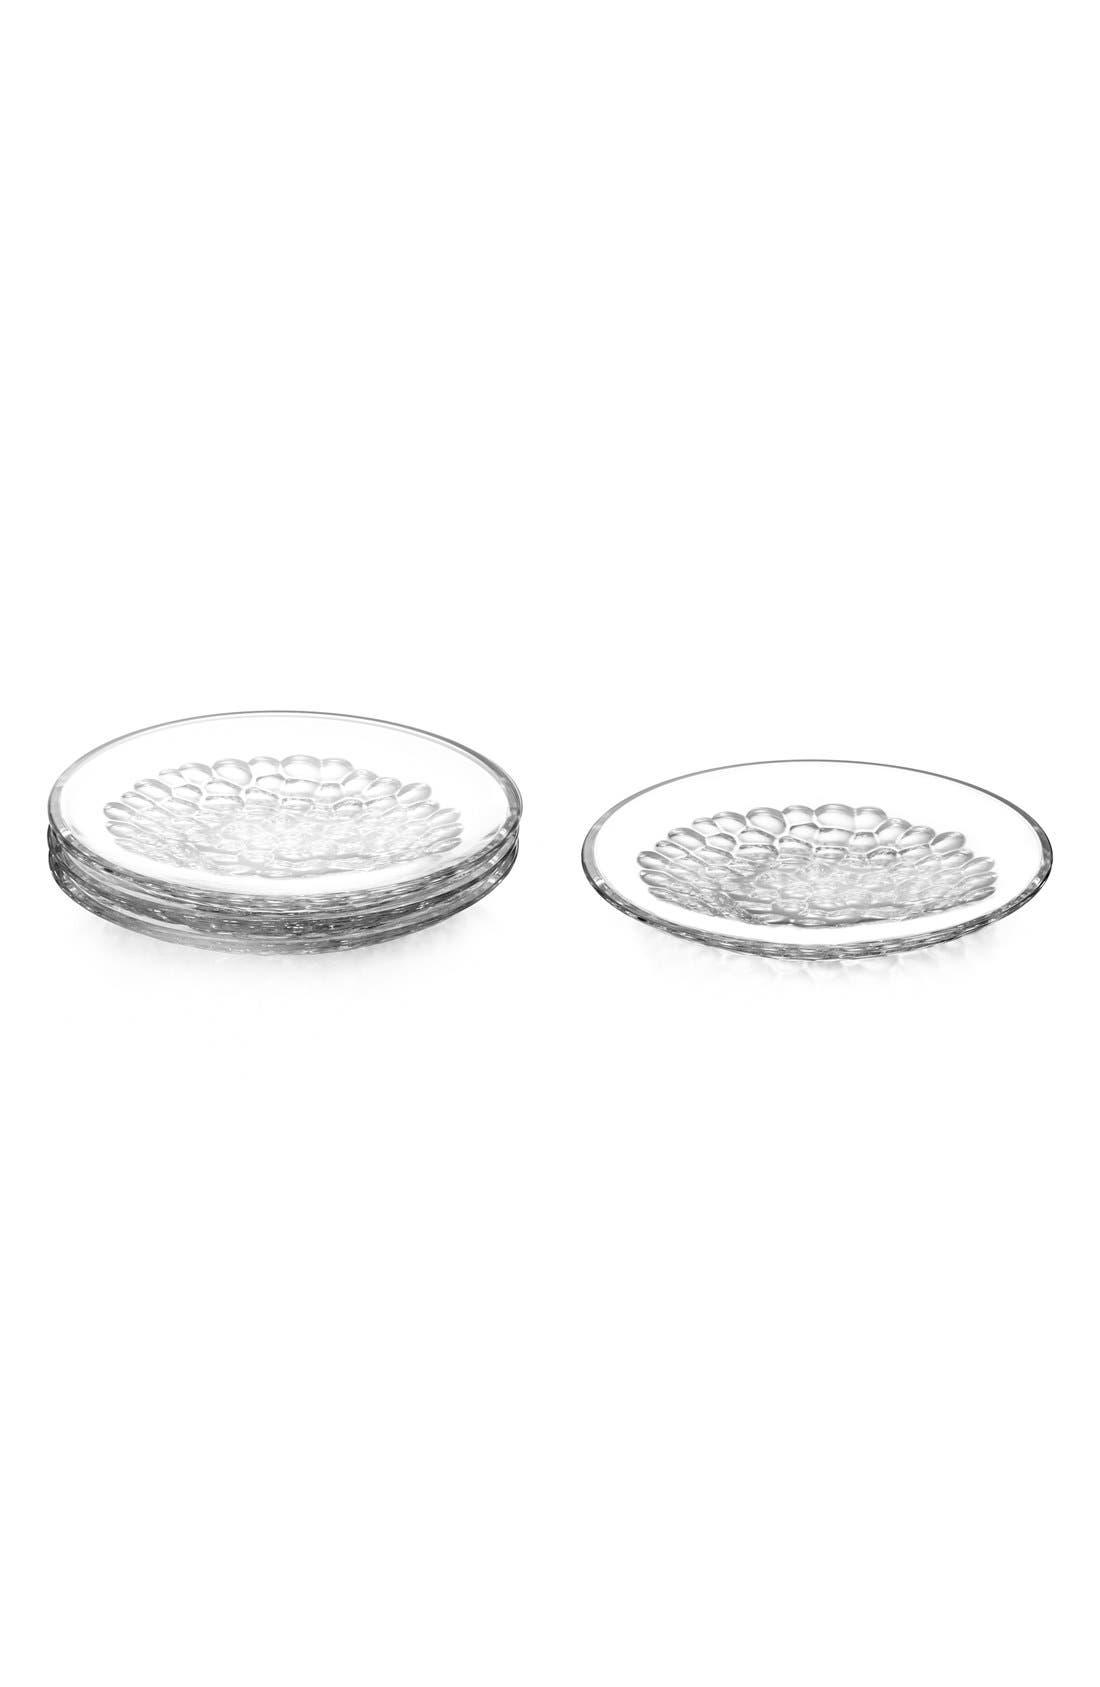 Orrefors 'Pearl' Lead Crystal Dessert Plates (Set of 4)